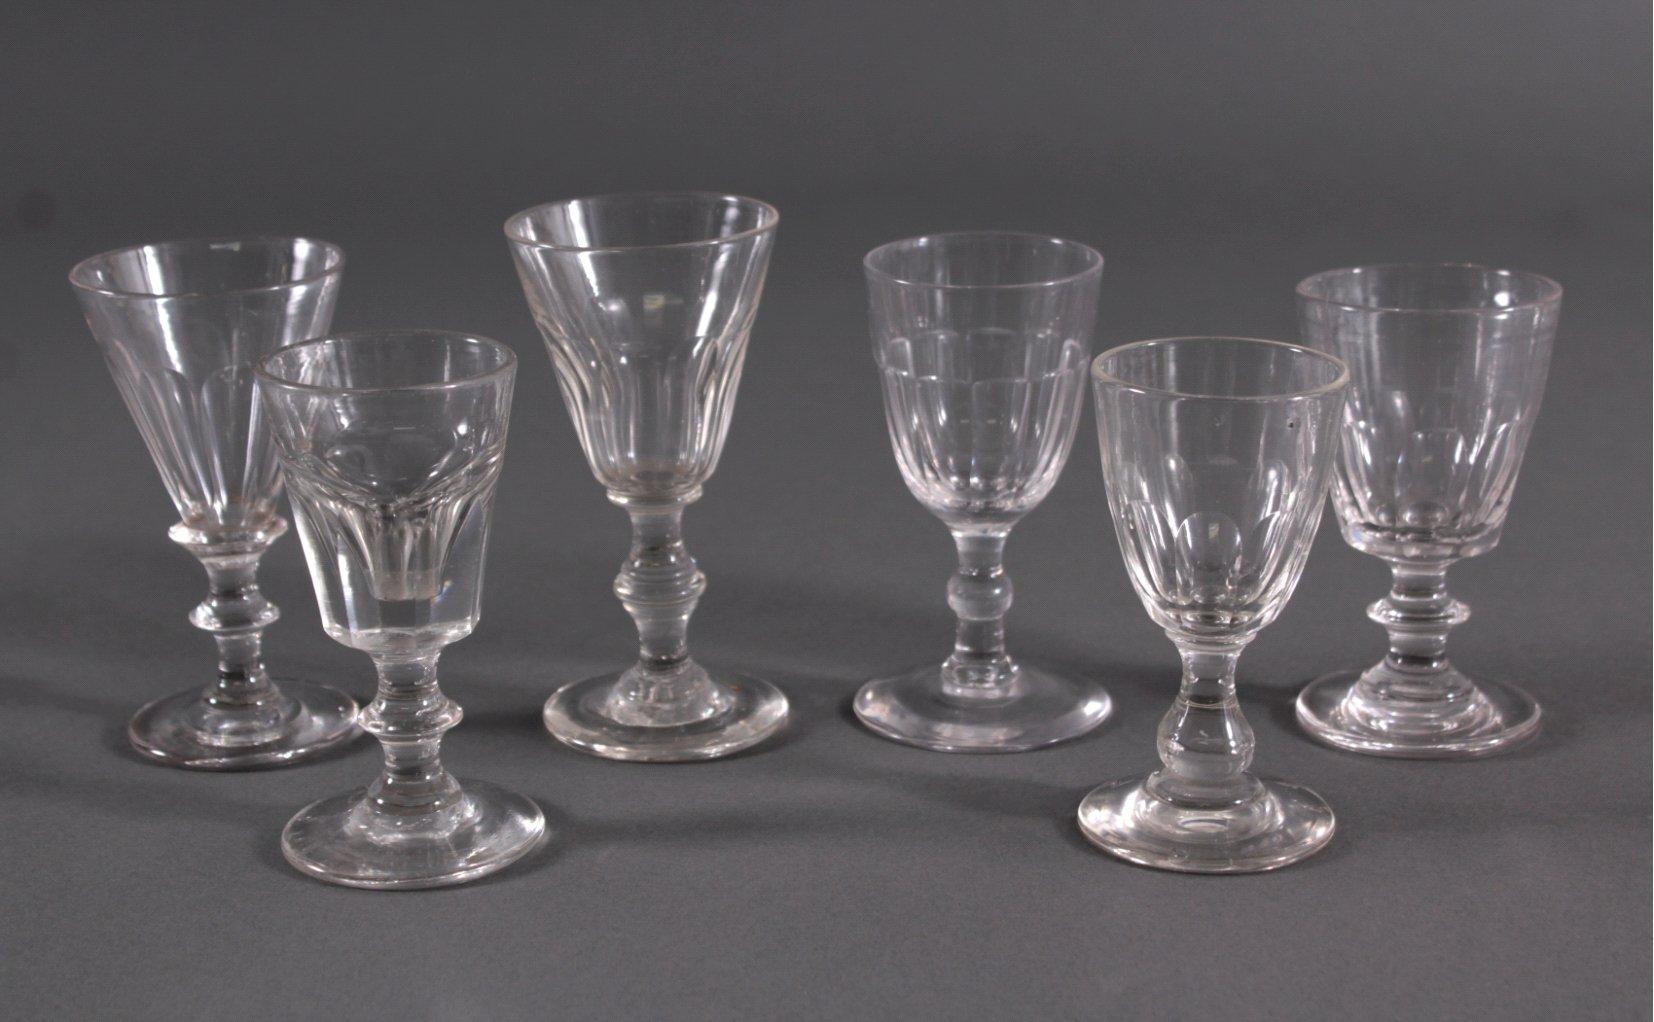 Sechs Gläser, 19. Jh.